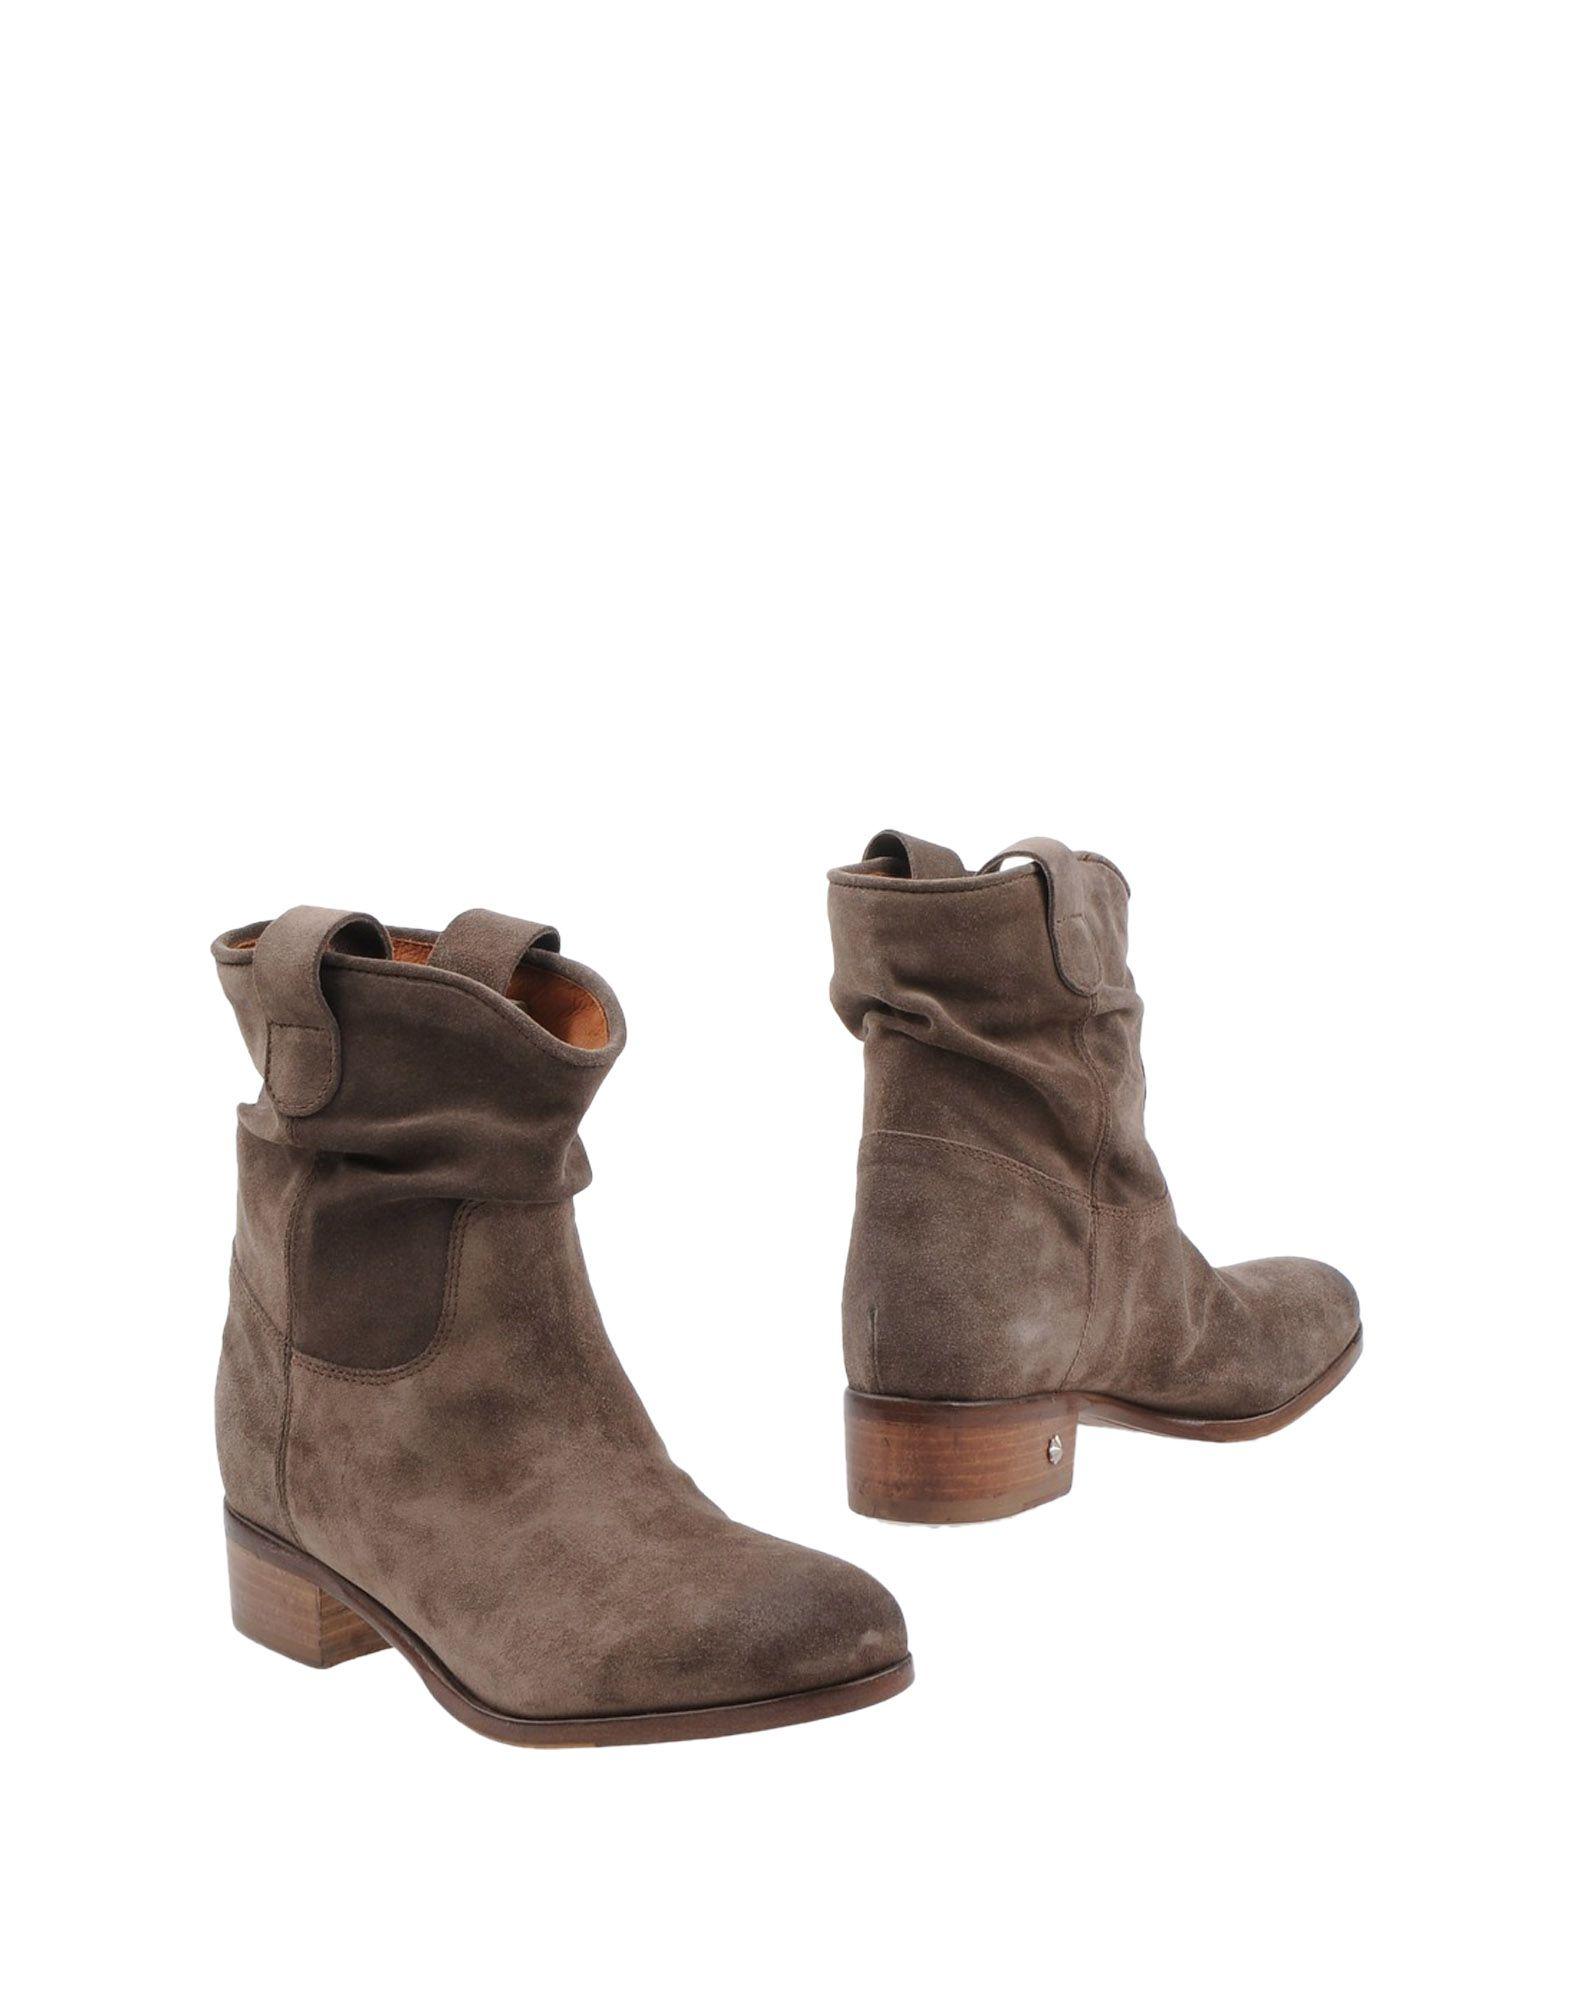 El Campero Stiefelette Damen  11289343TH Gute Qualität beliebte Schuhe